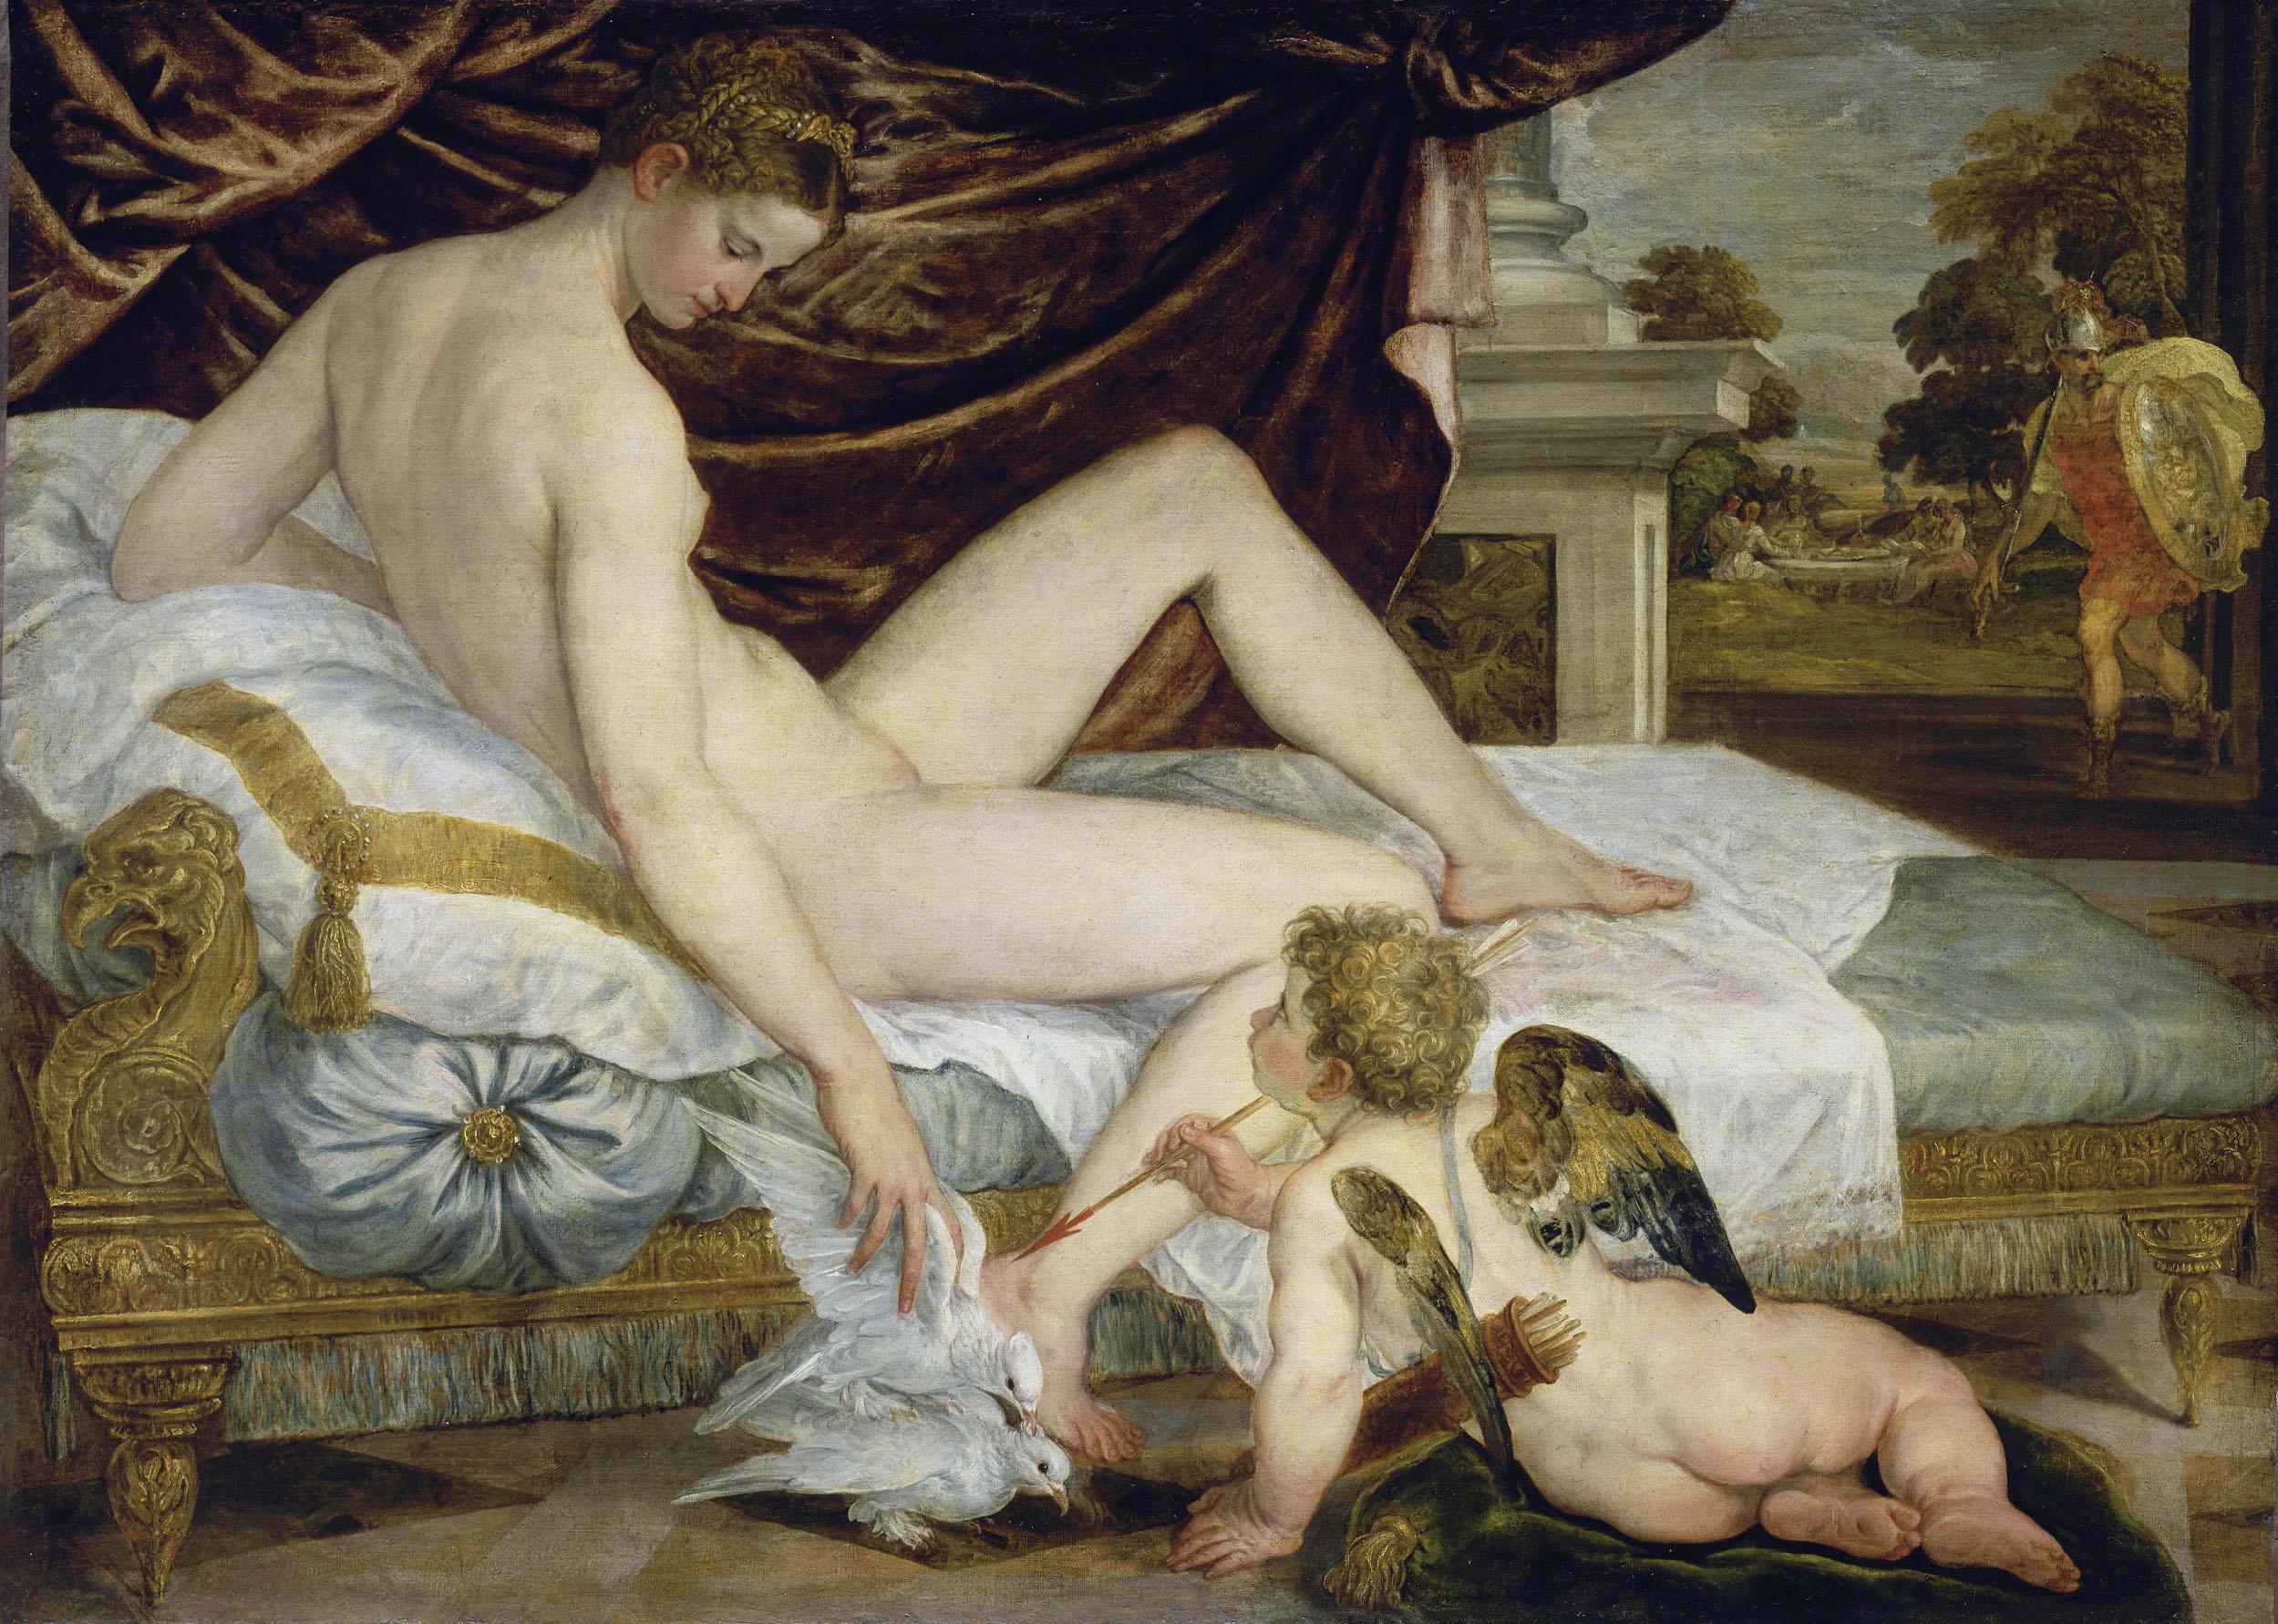 Nude steam room sex